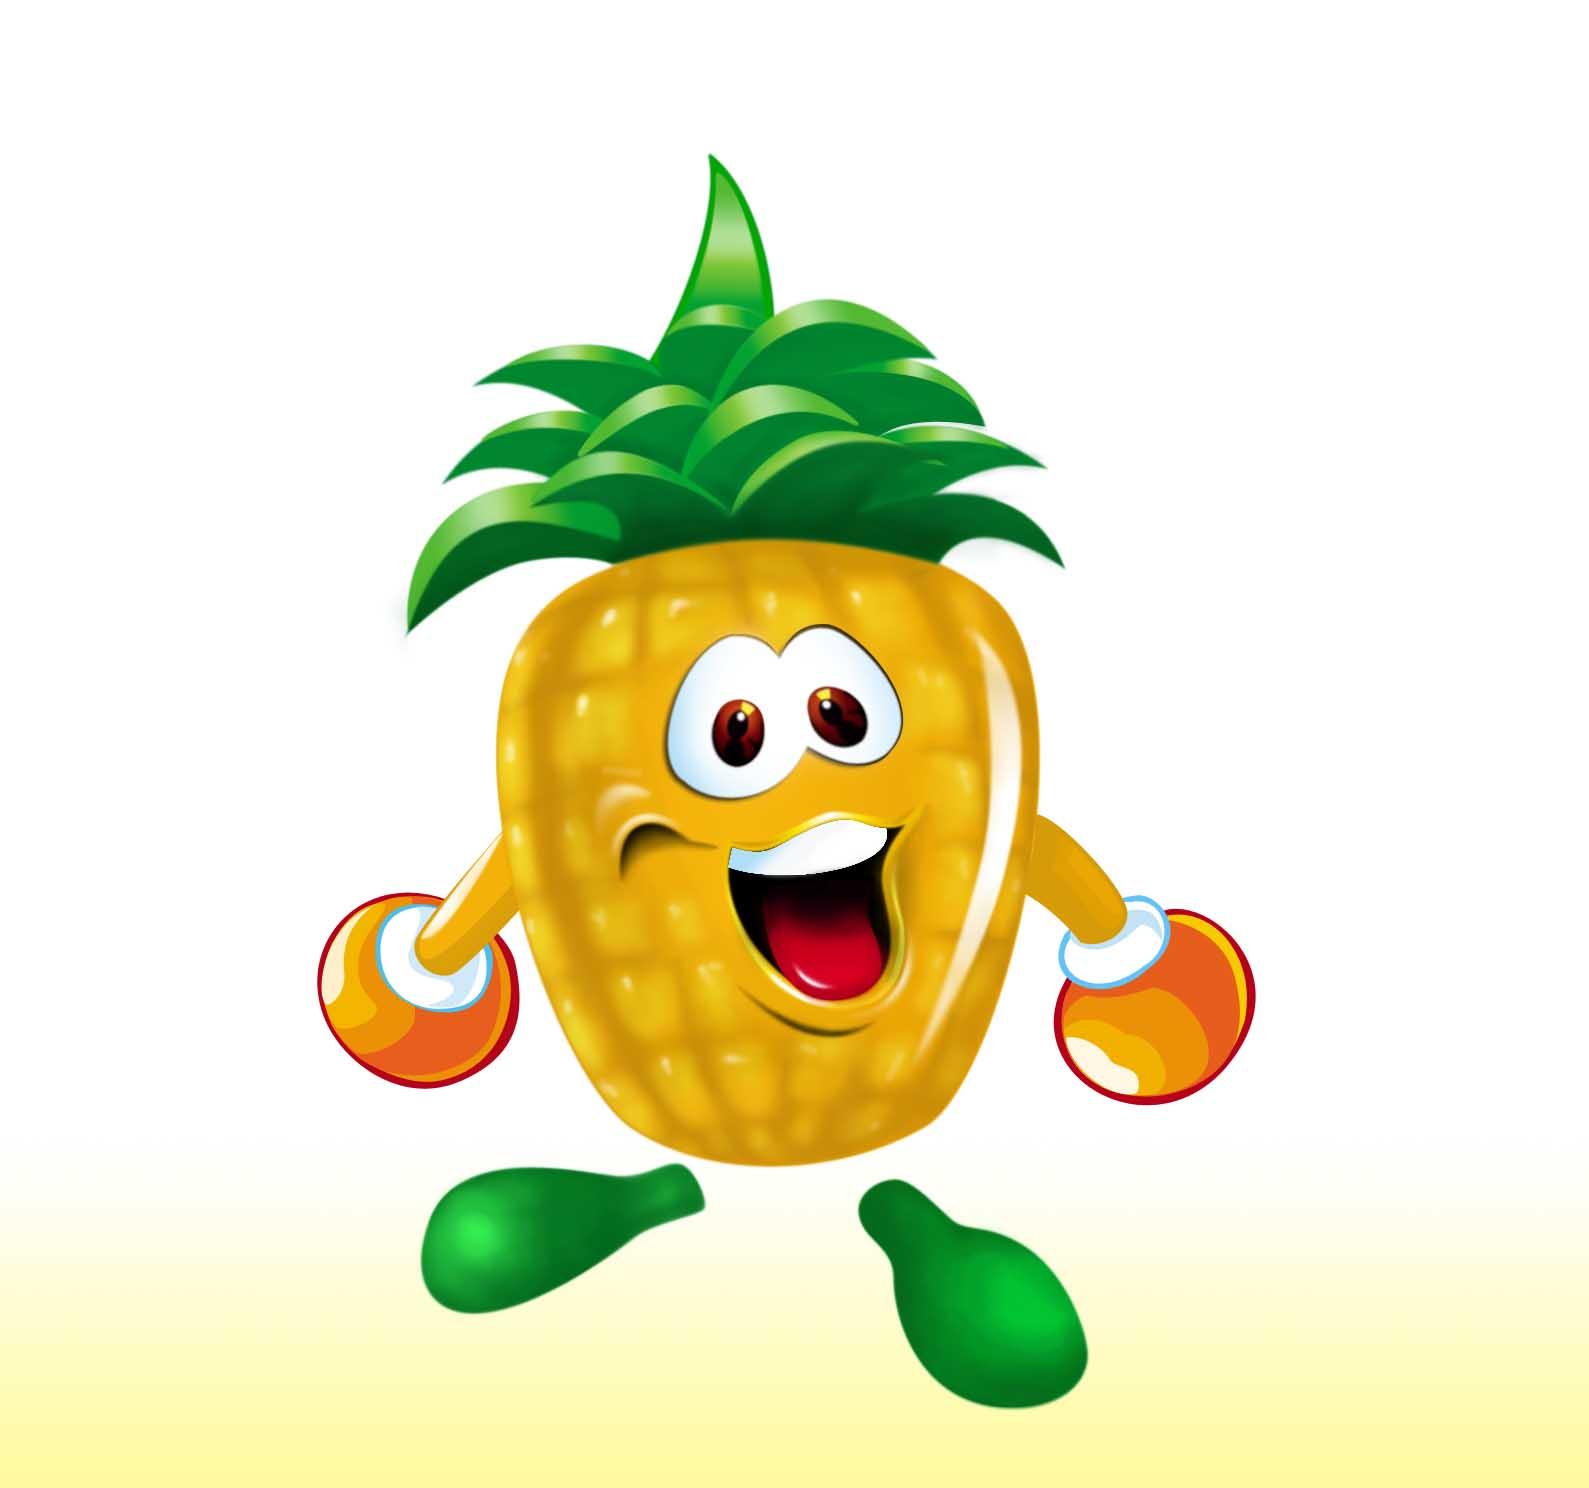 菠萝卡通形象